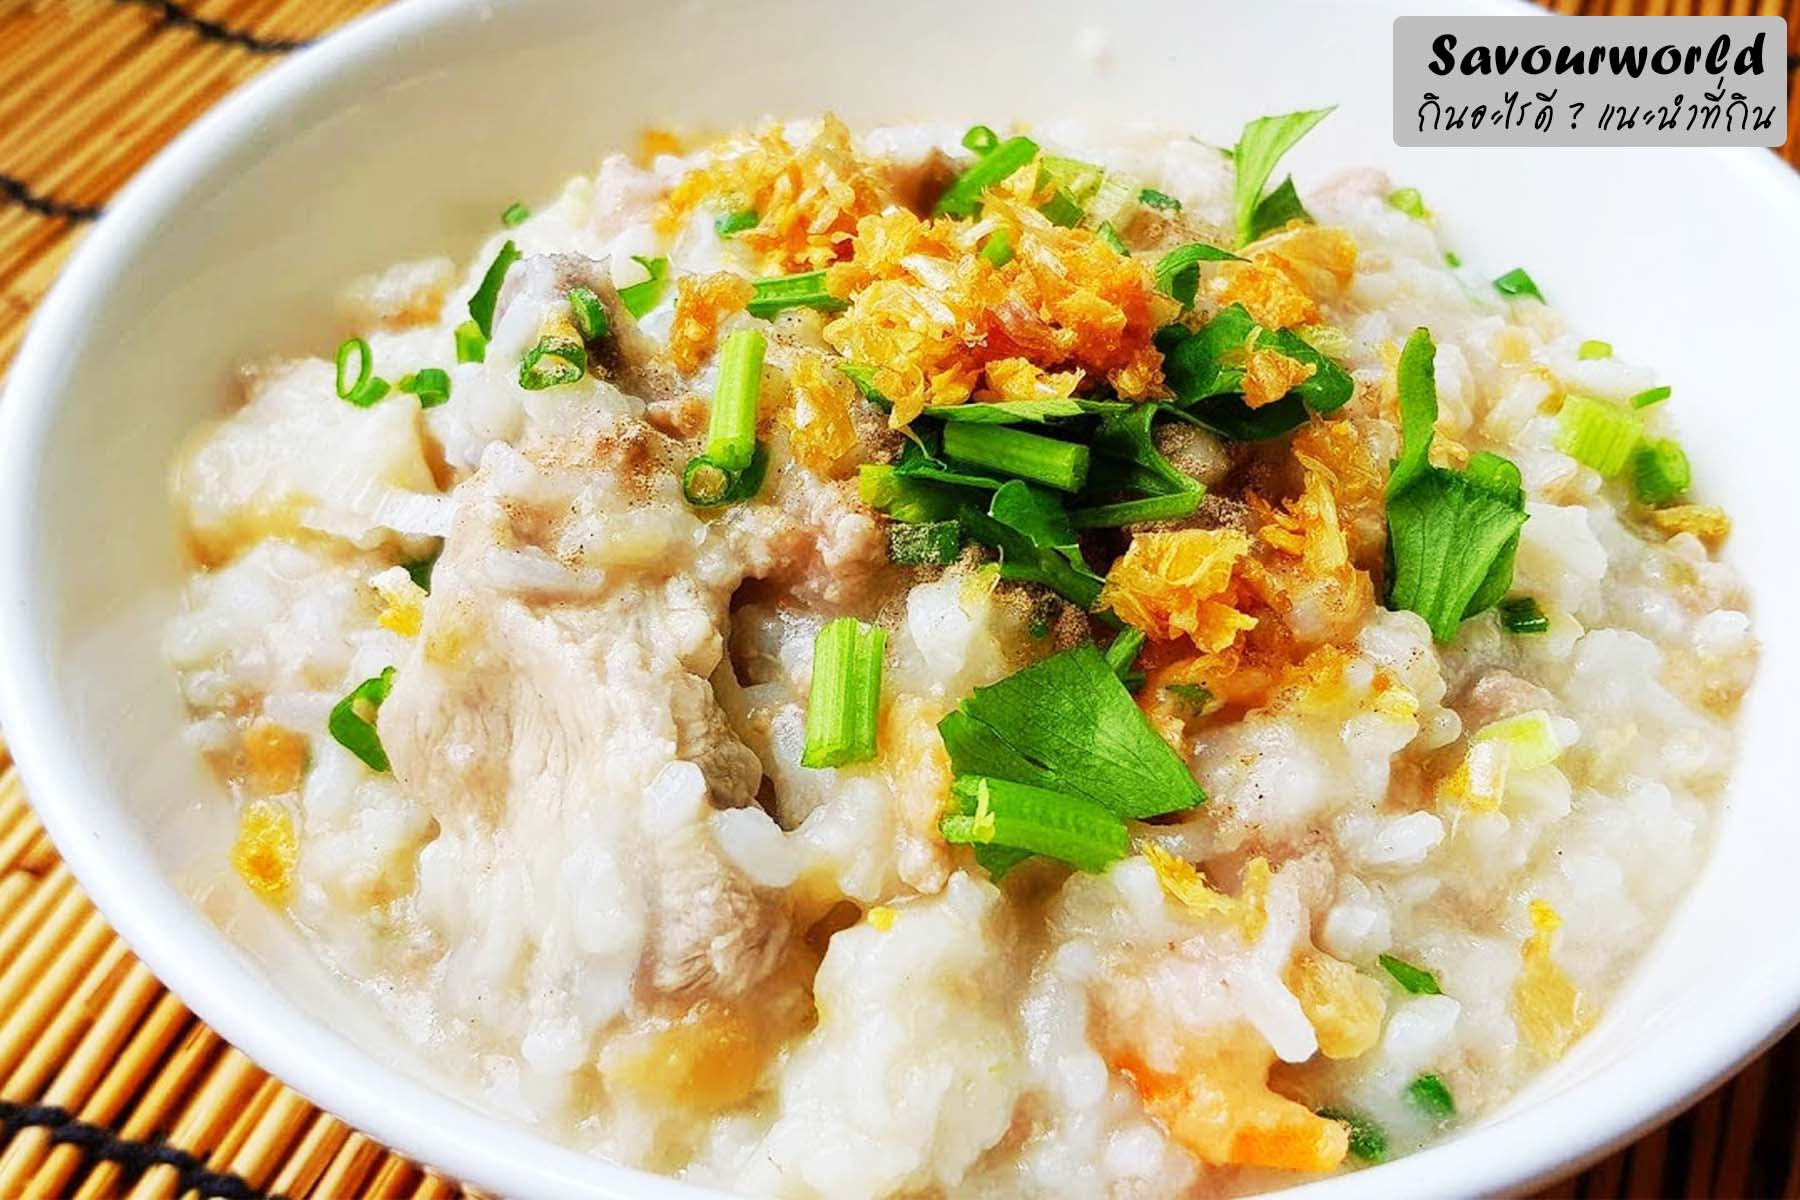 สูตรข้าวต้มโบราณหาทานยาก - savourworld.com